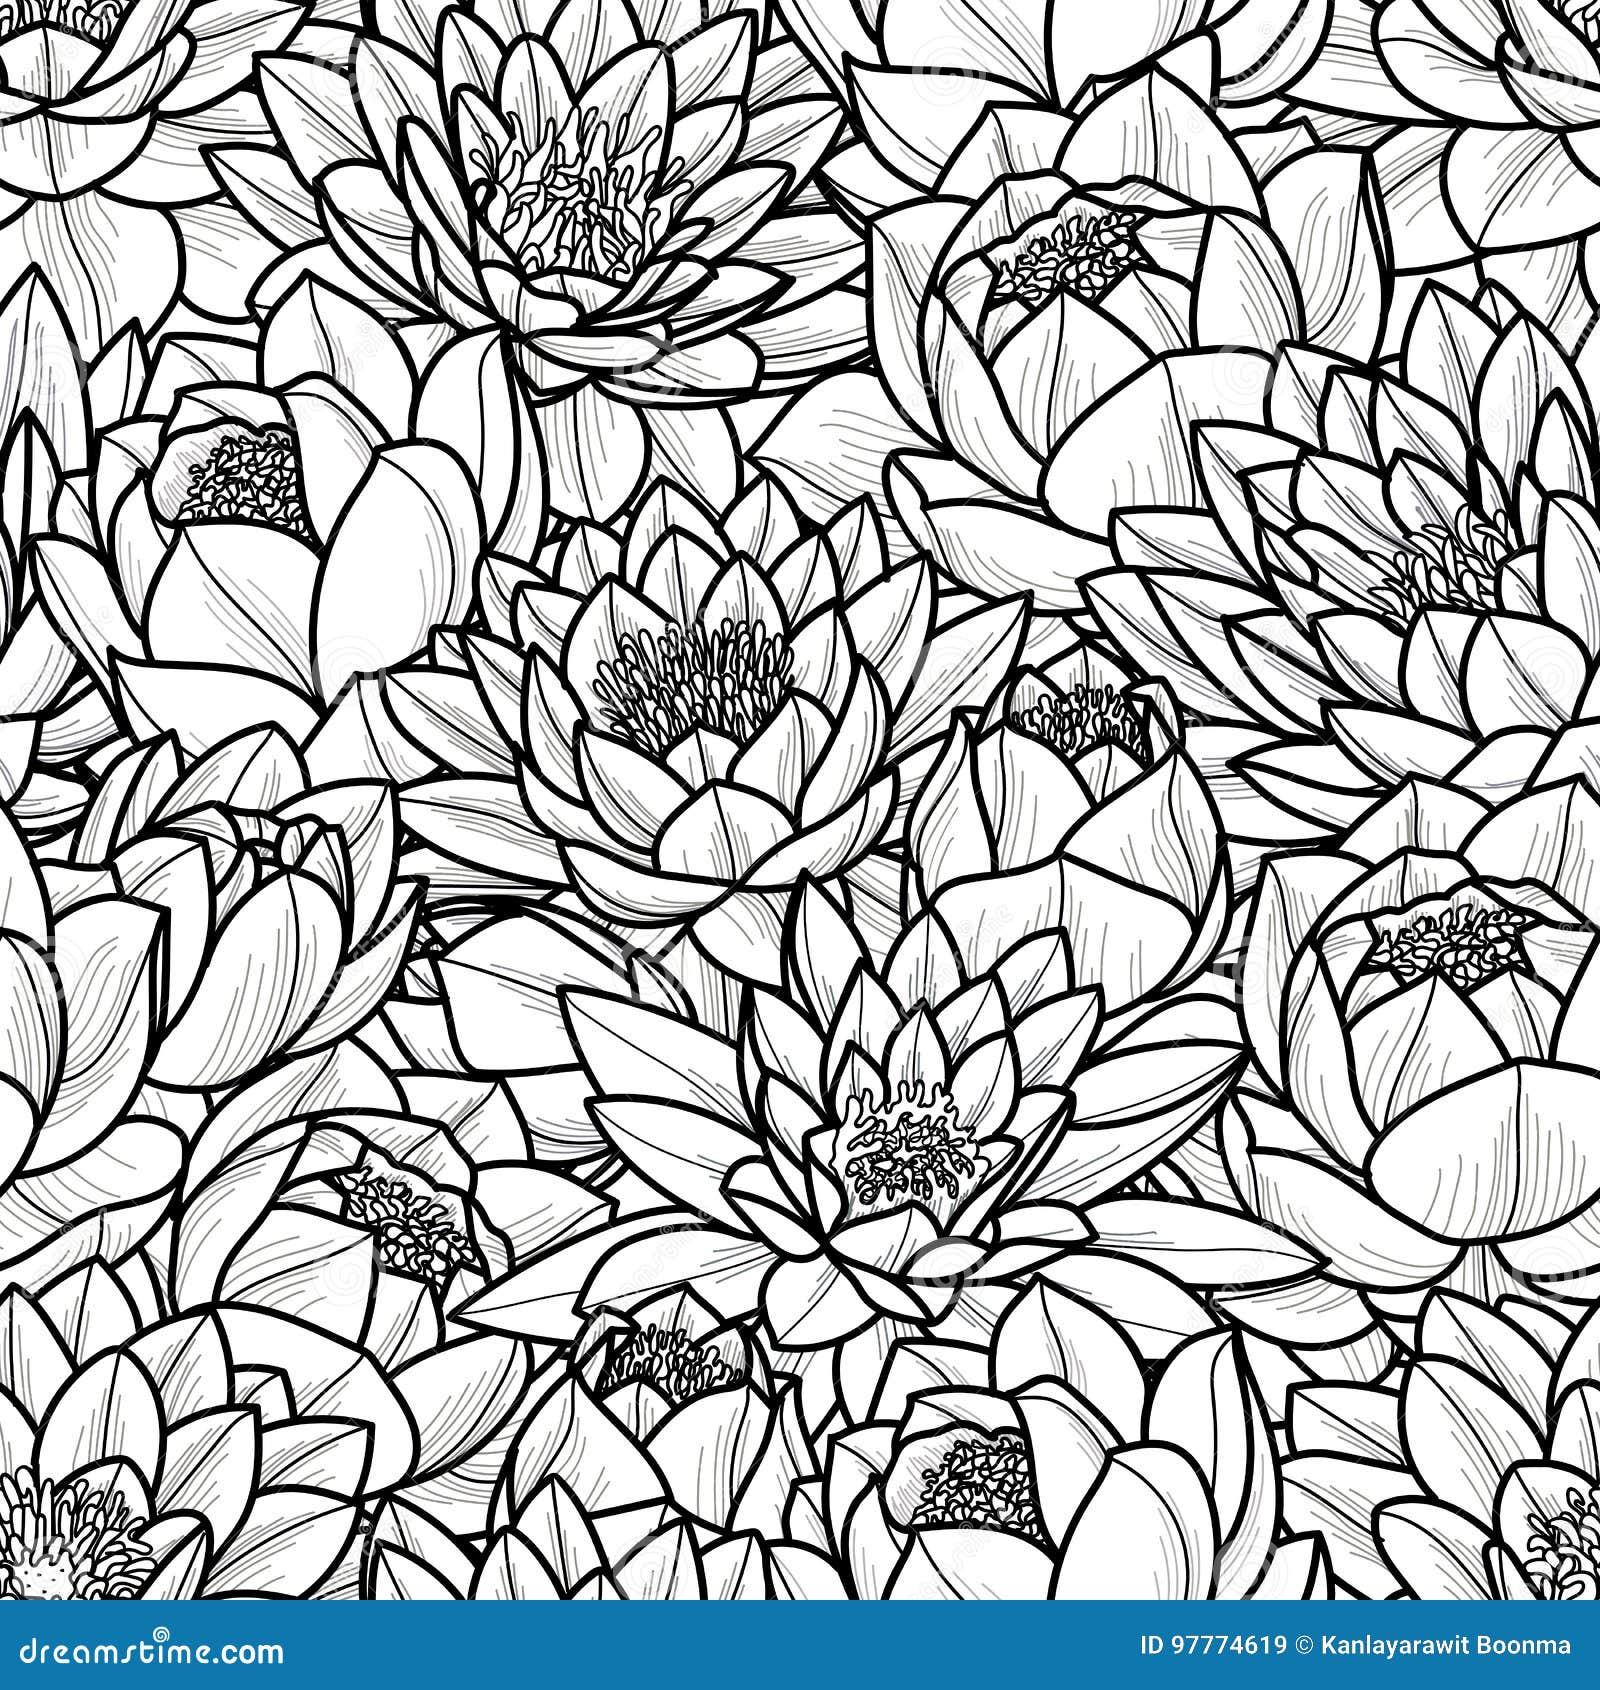 Random lotus flower in black outline on white background seamless download random lotus flower in black outline on white background seamless pattern vector illustration izmirmasajfo